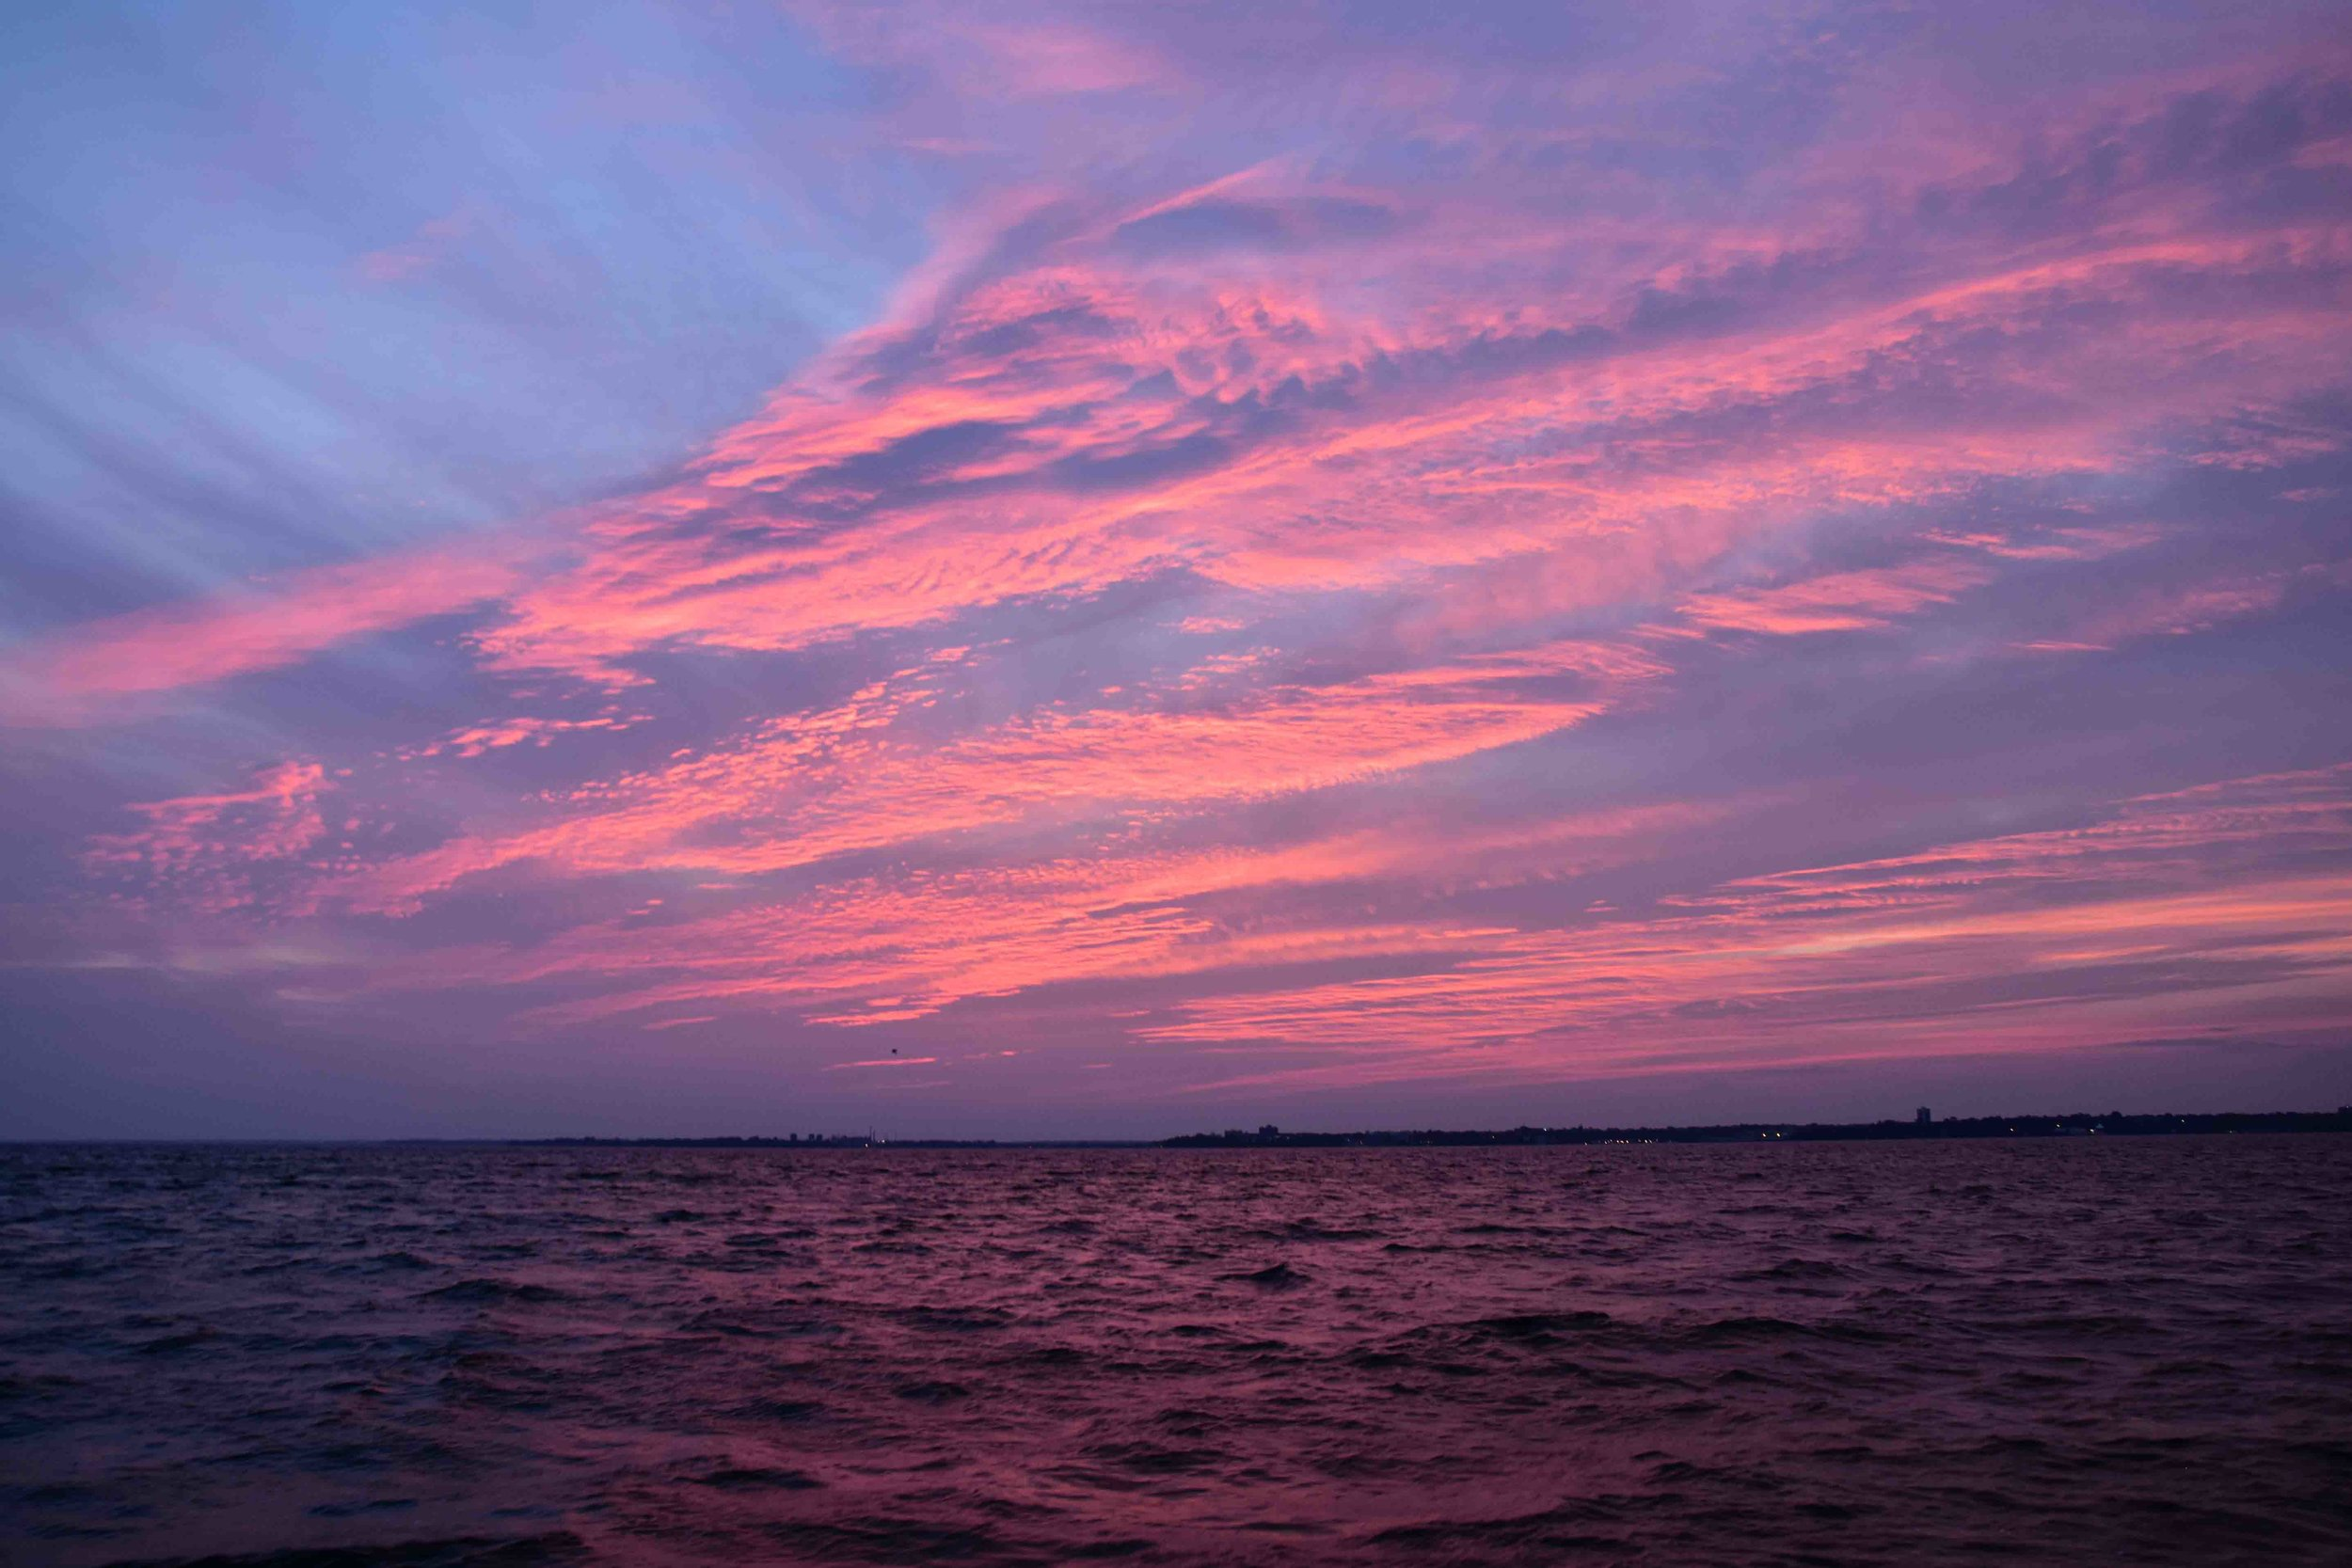 Sunset, Lake Ontario